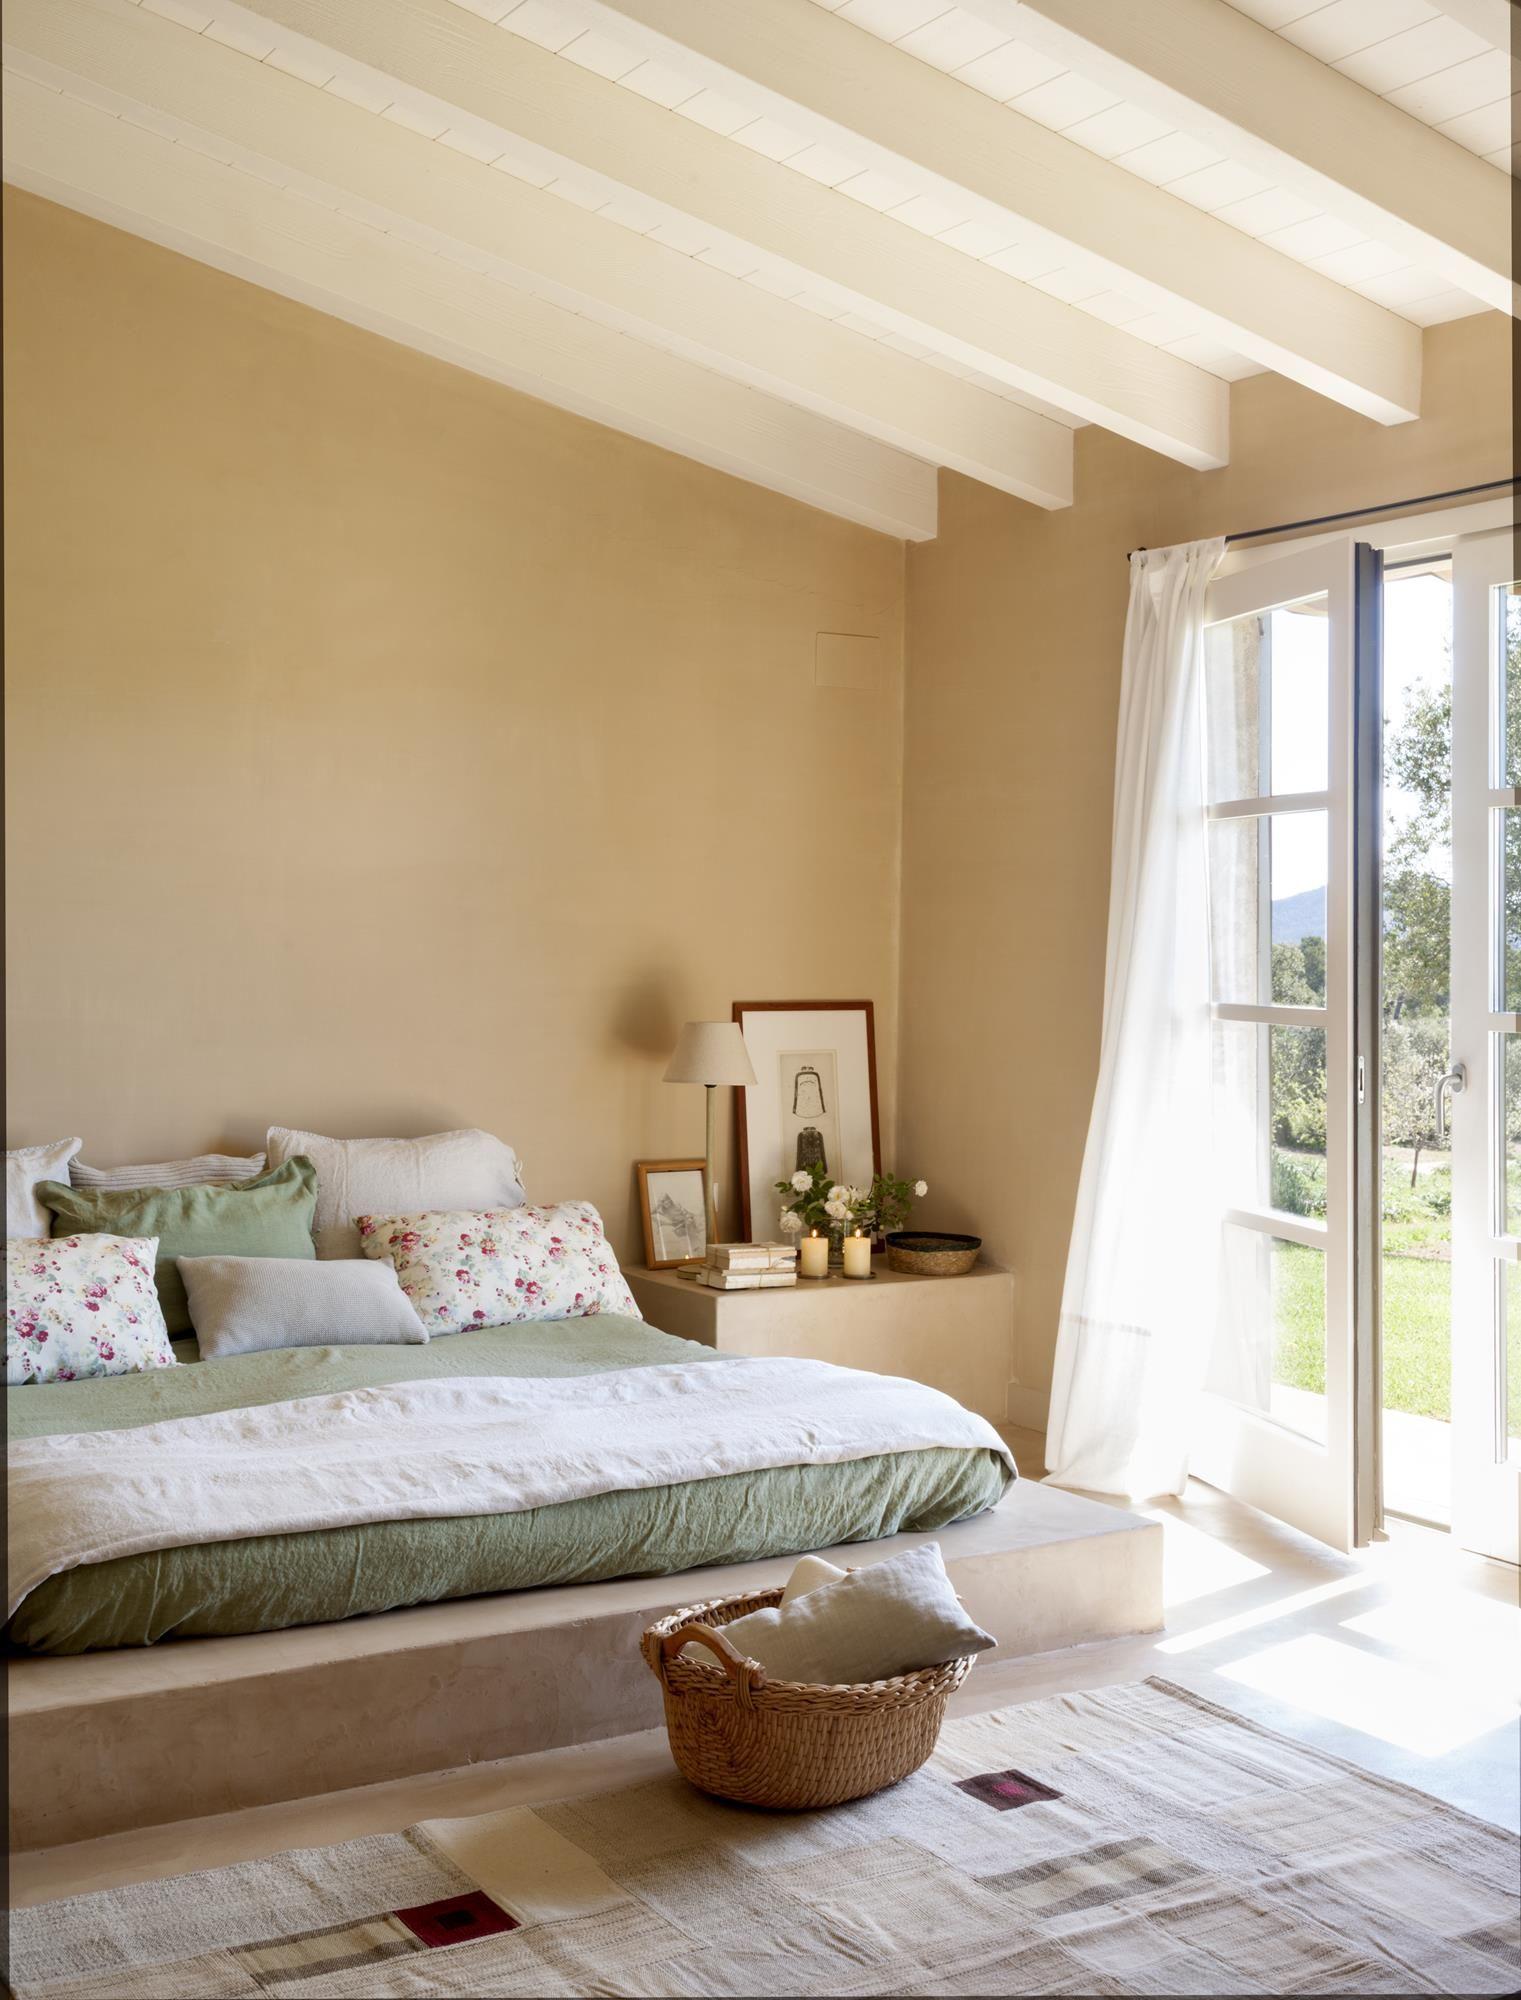 Dormitorios Con Look Natural Las Claves Para Acertar Colores Para Dormitorio Colores Para Pintar Casas Dormitorios